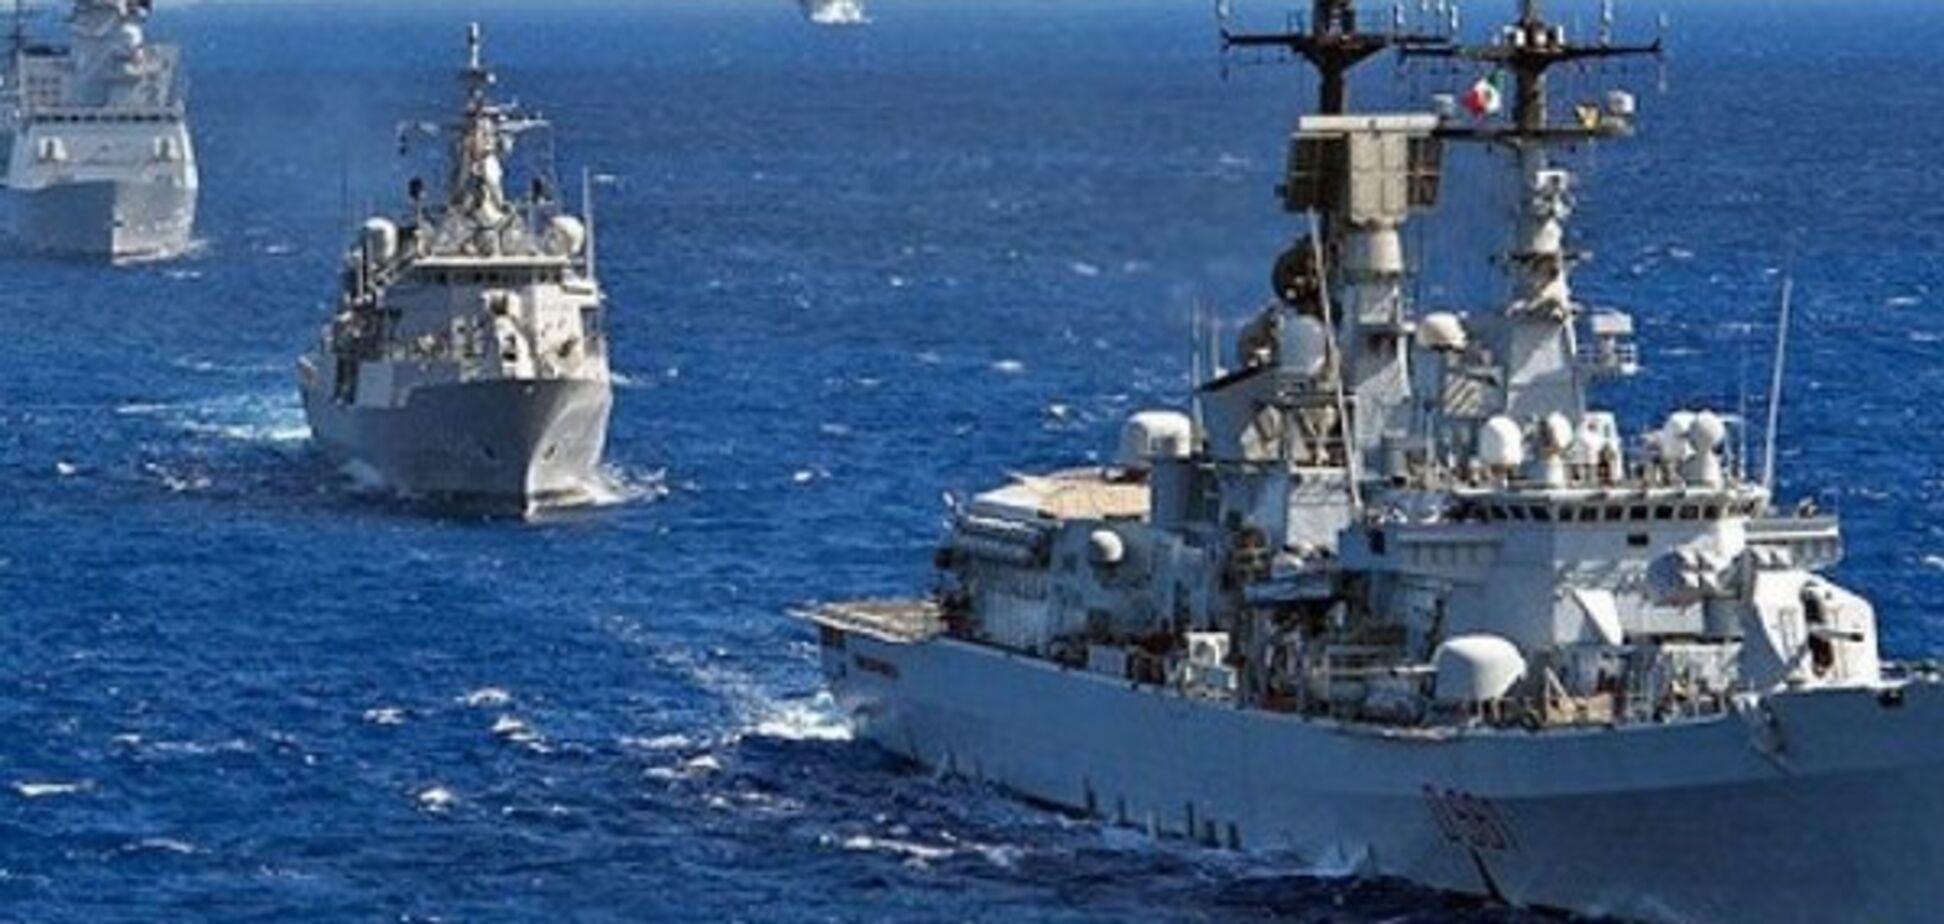 Українські кораблі не ходять: розкрито нюанс щодо ситуації у Керченській протоці